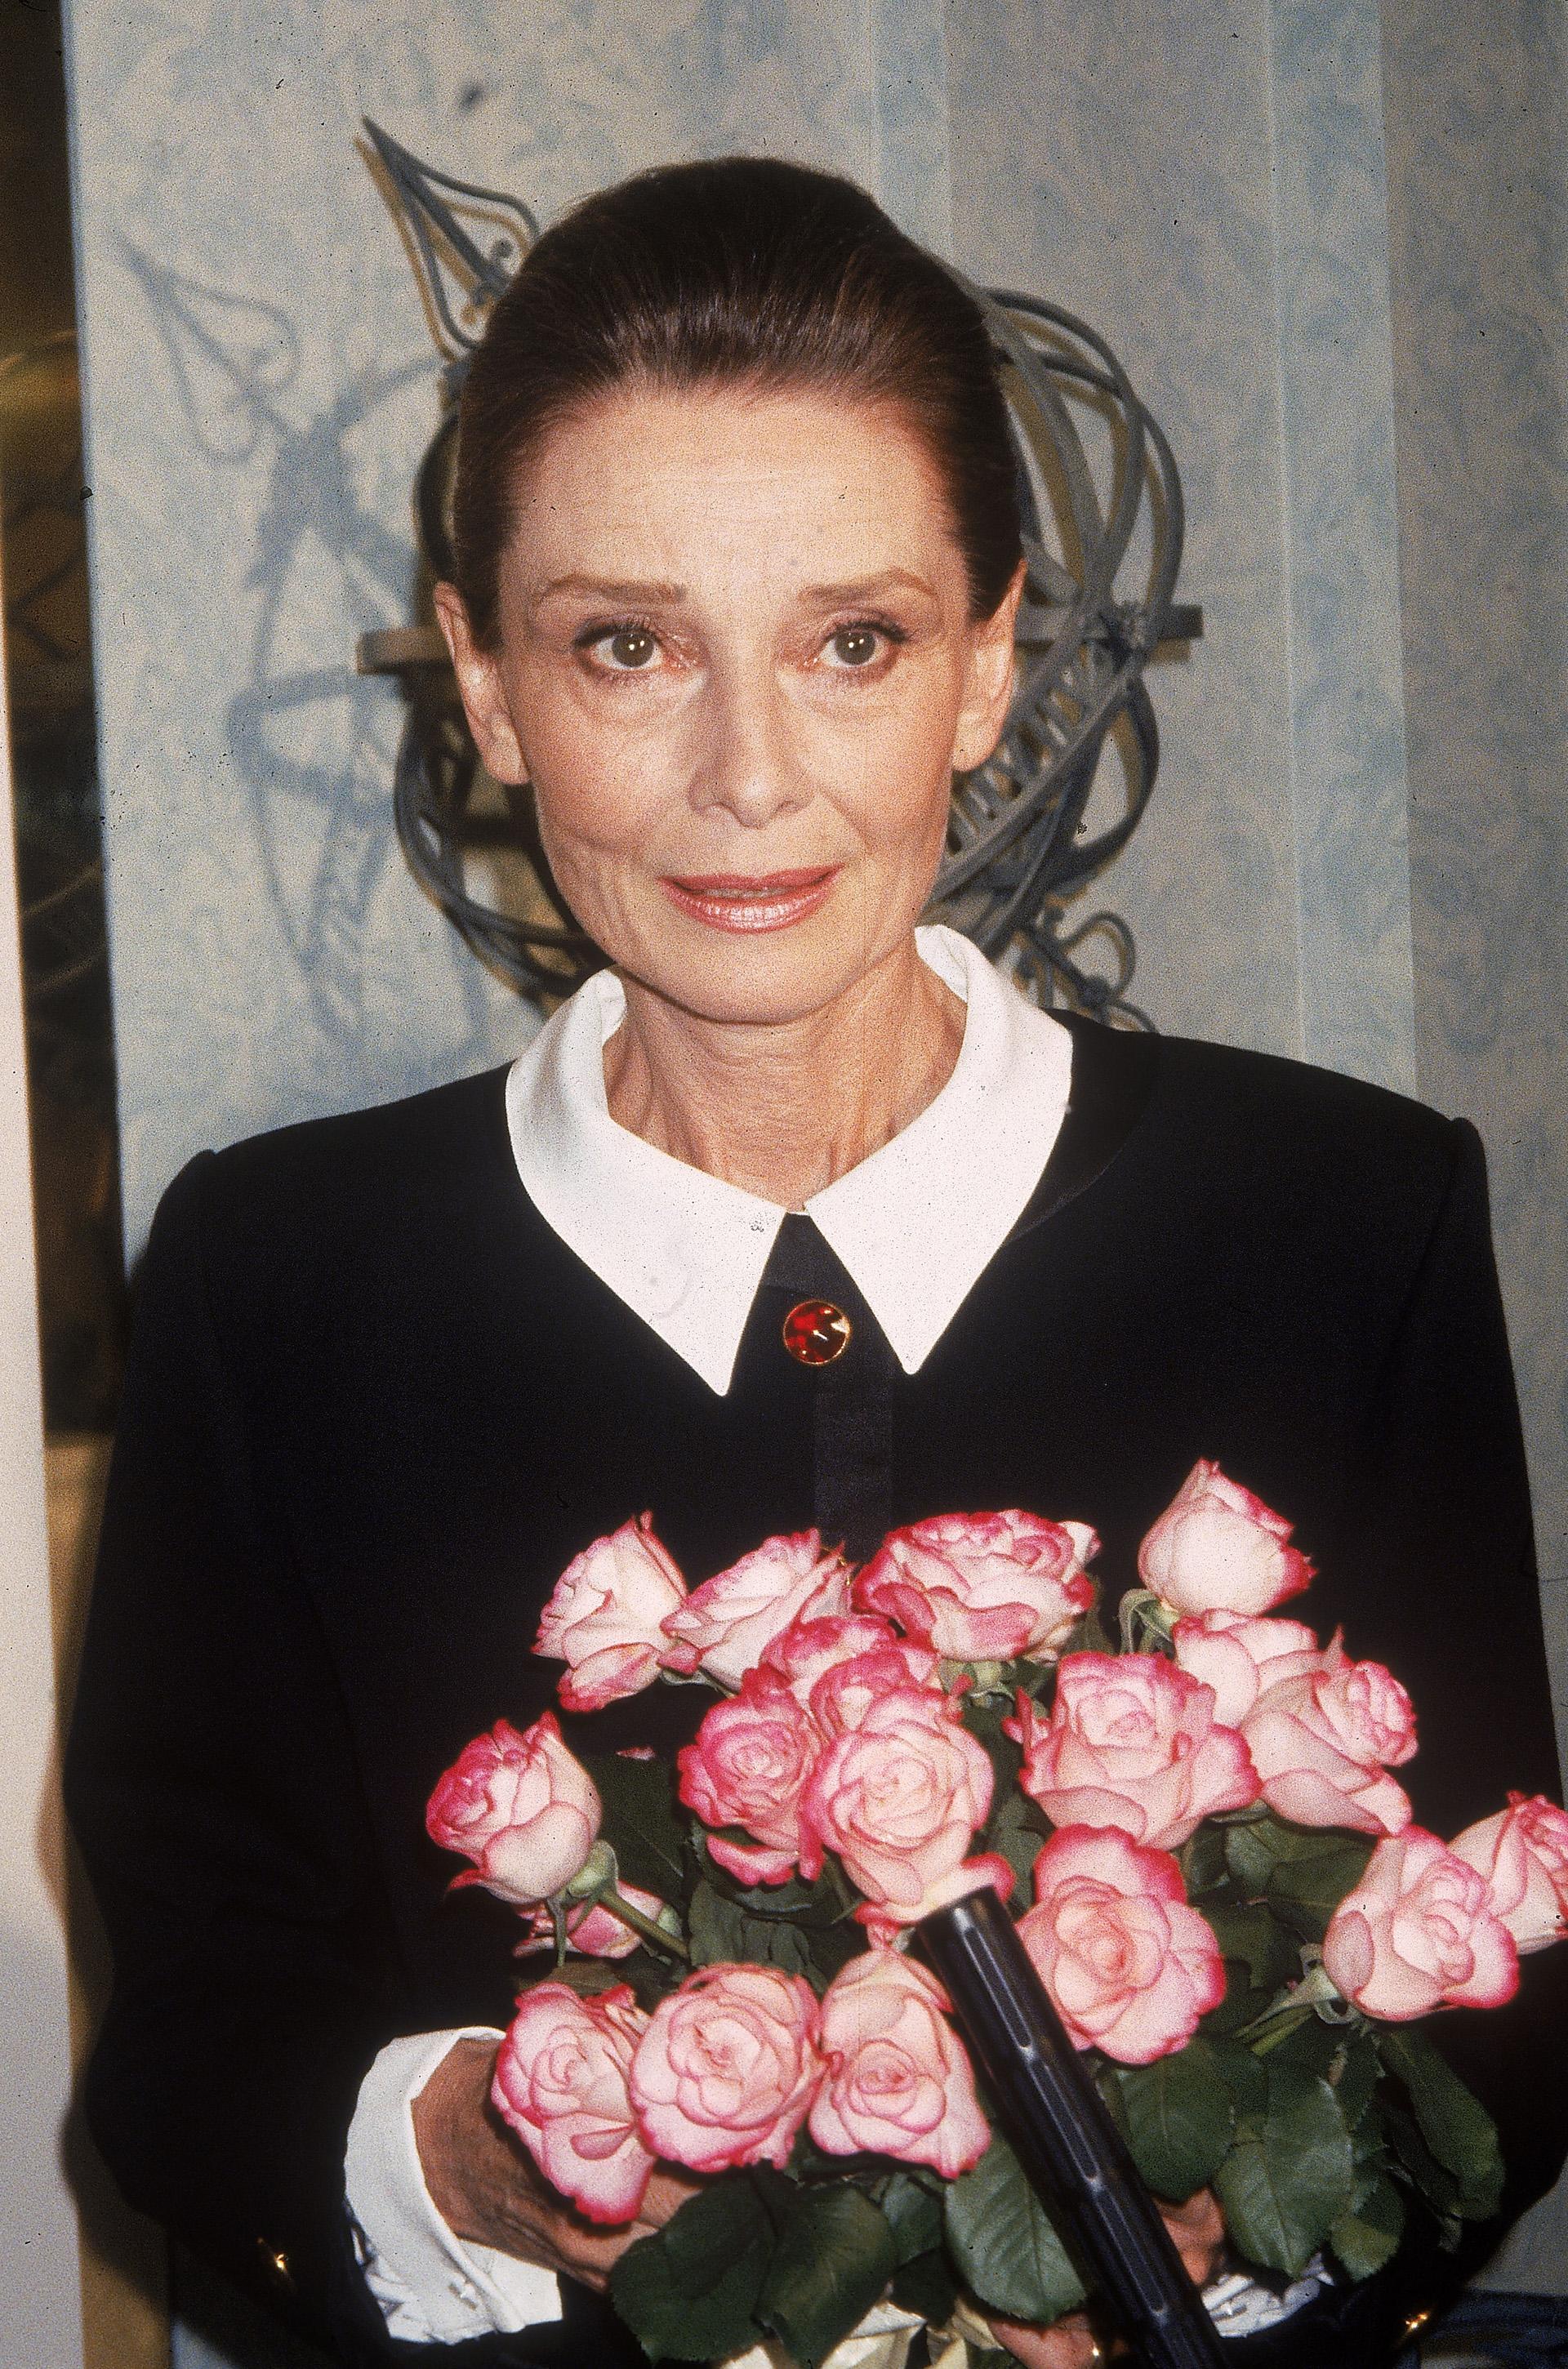 La actriz murió a los 63 años tras su lucha contra el cáncer. Deseaba que se le recordase como la princesa rebelde (Photo by Hulton Archive/Getty Images)